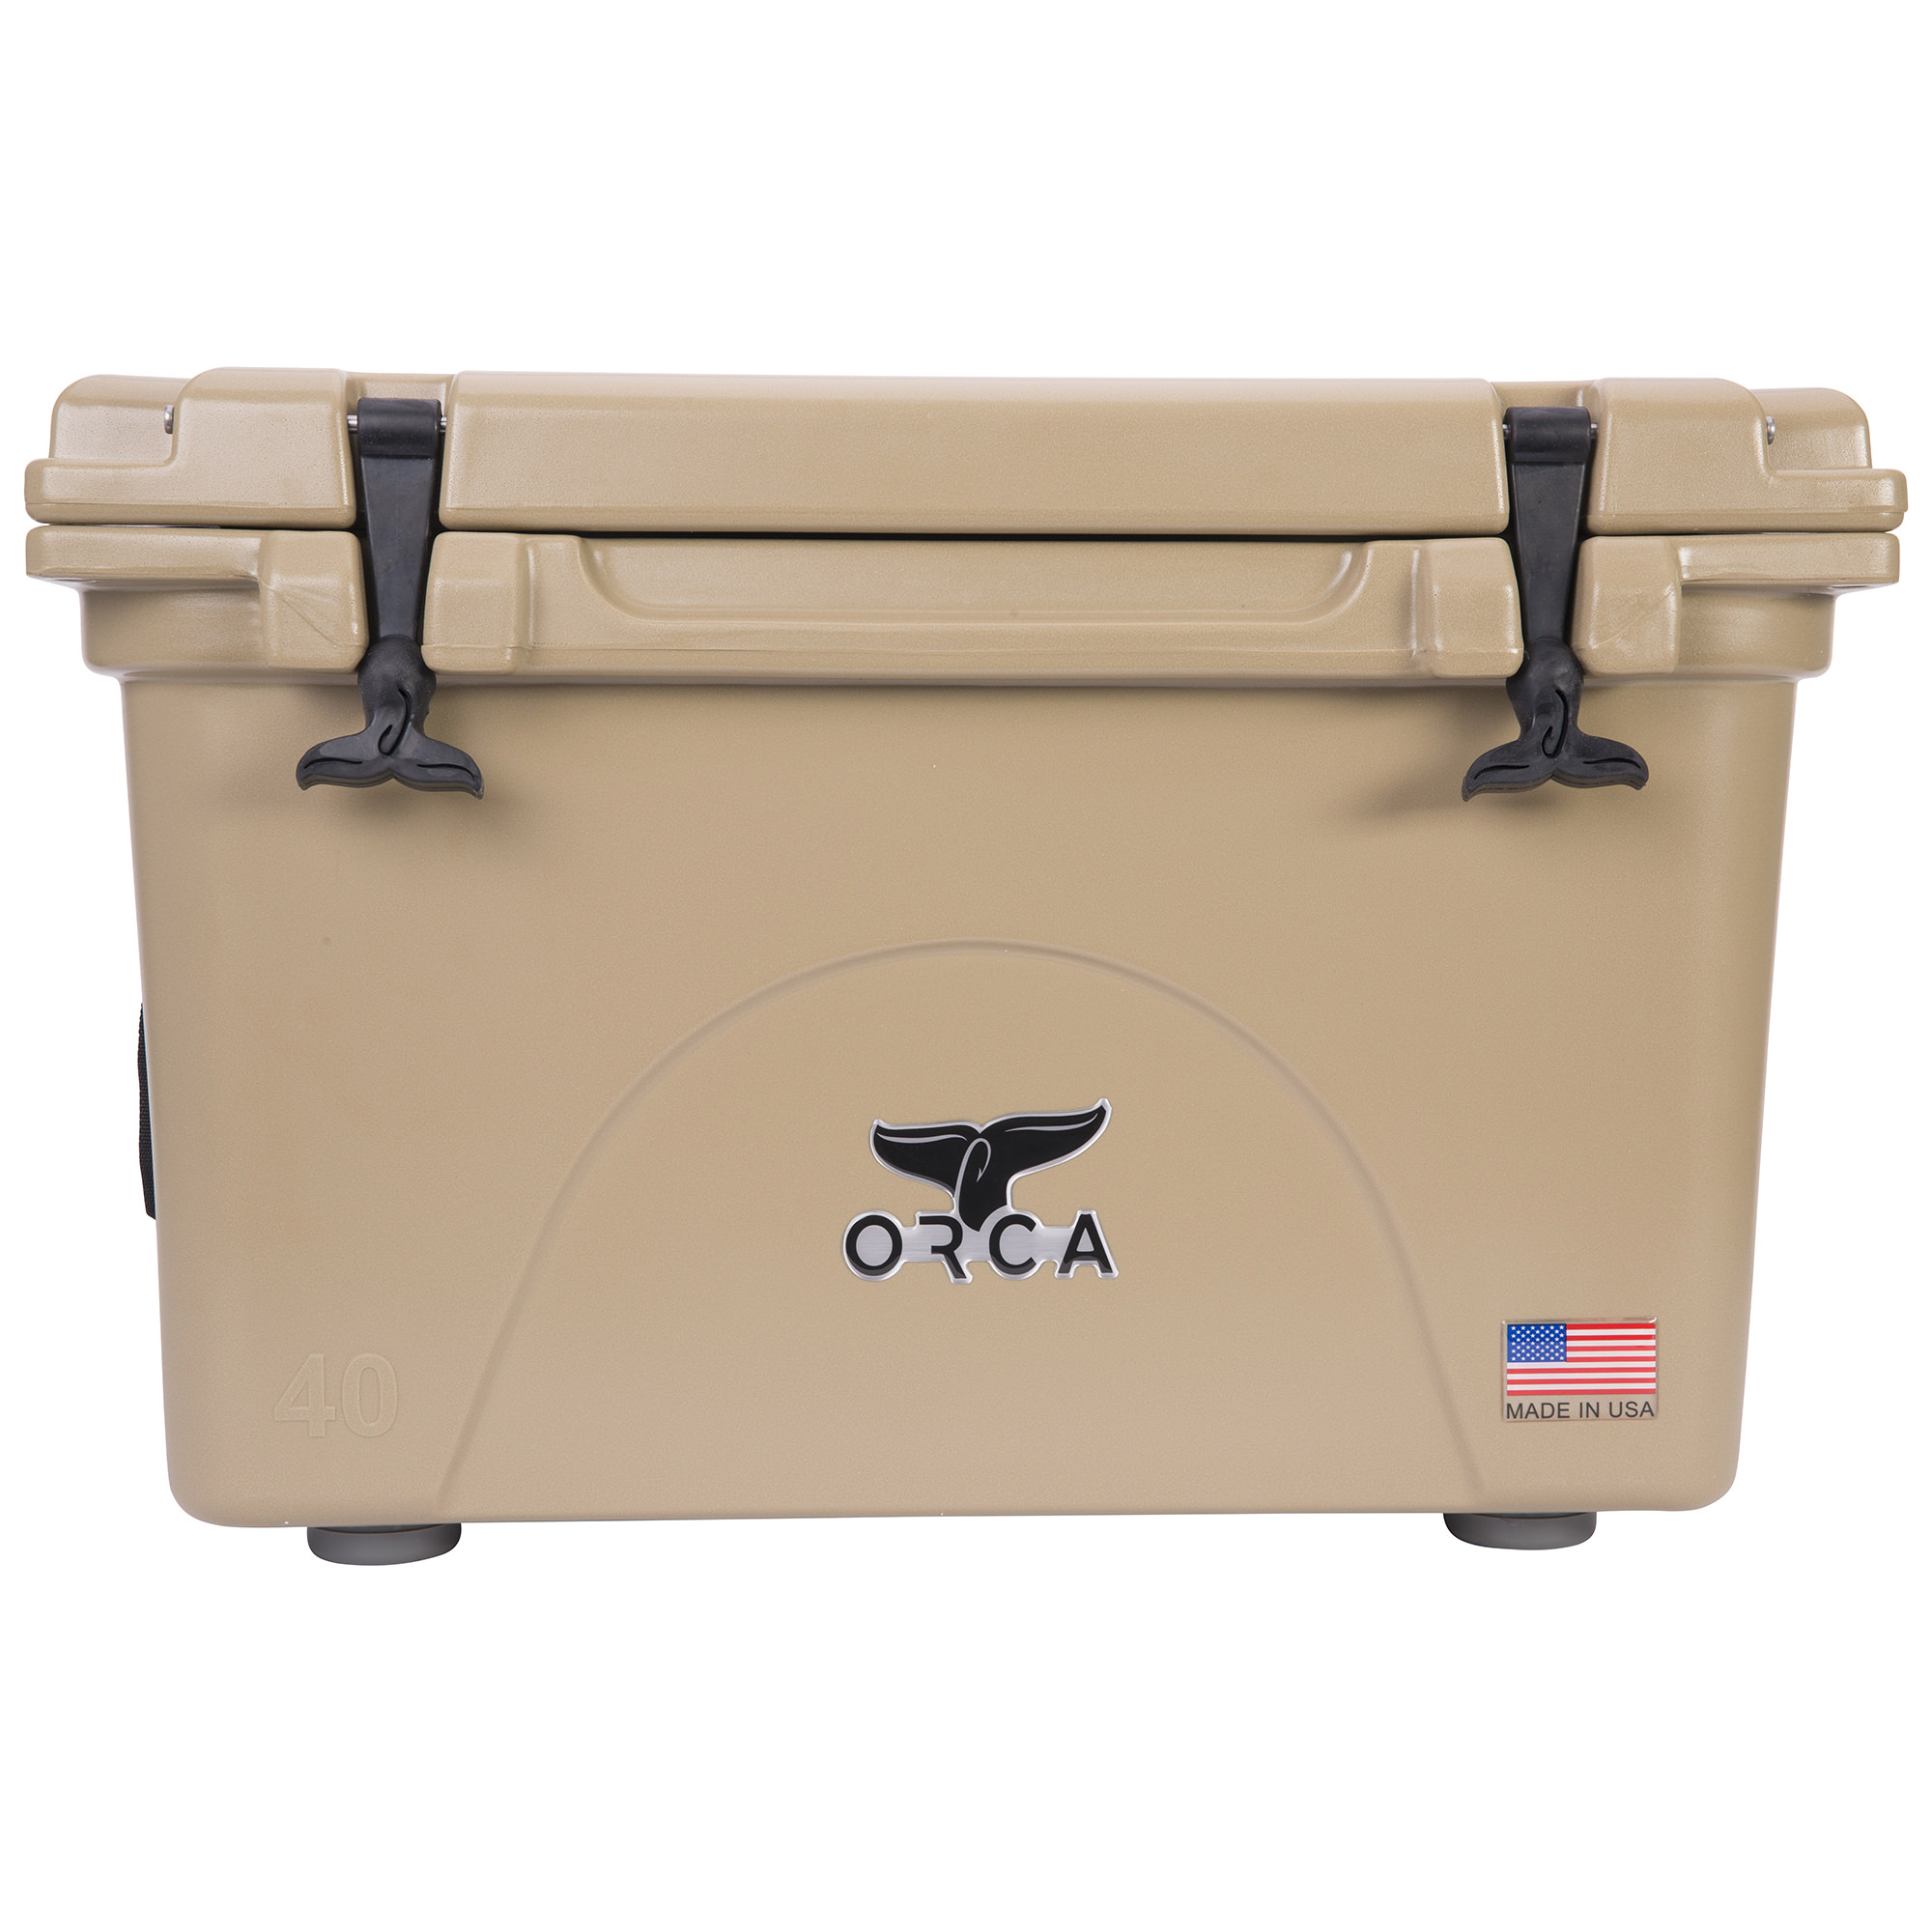 Orca Hard Sided 40-Quart Classic Cooler